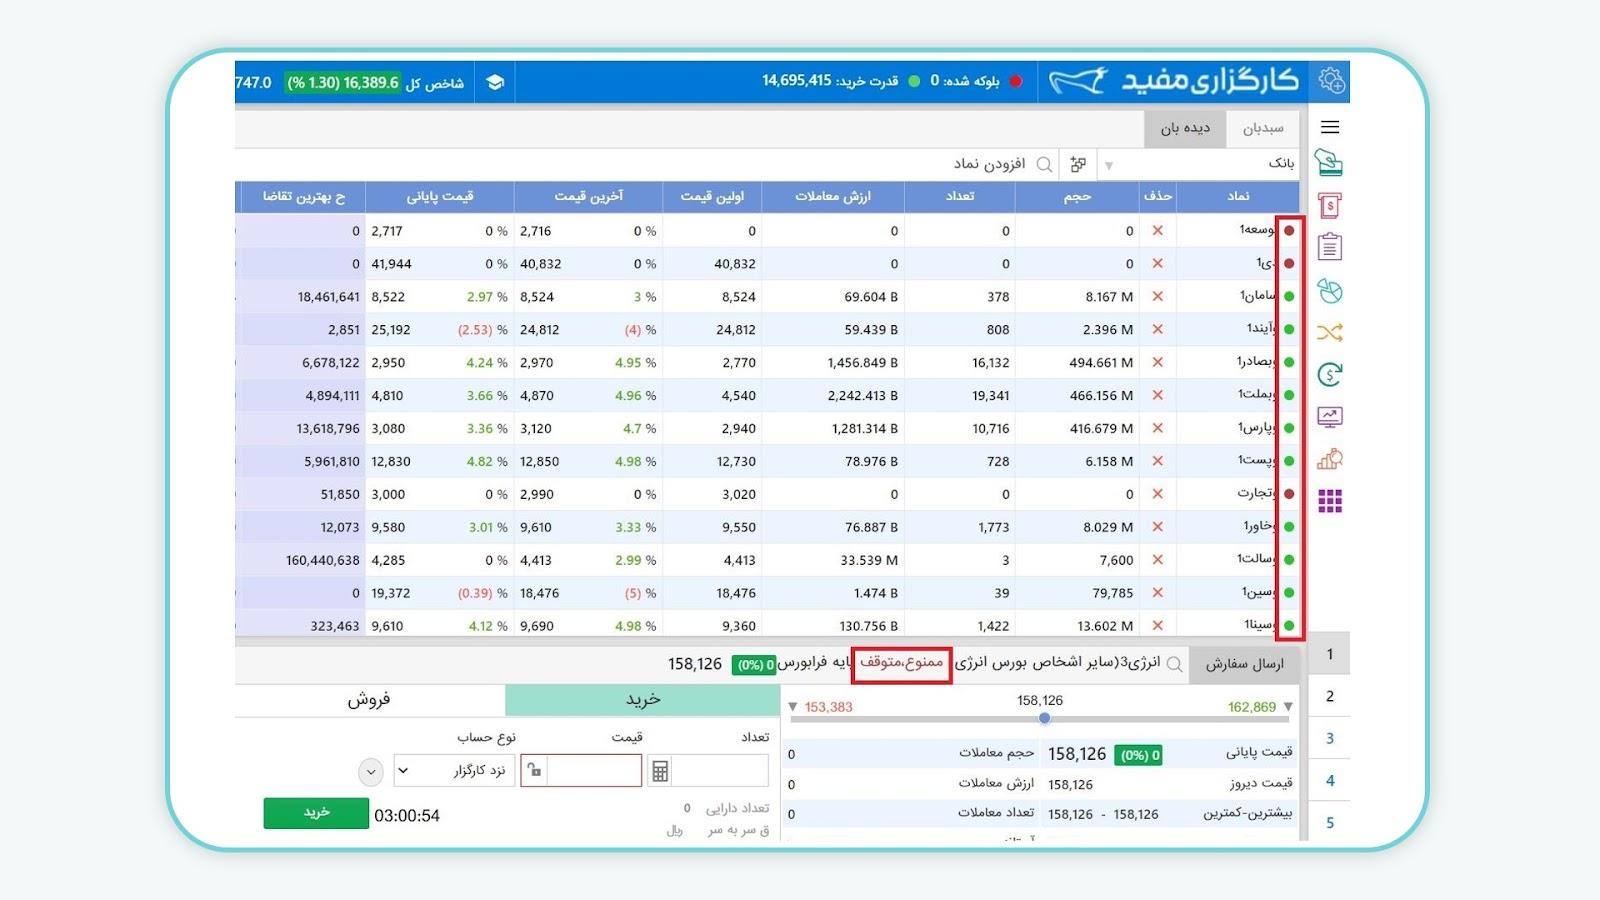 مشاهده وضعیت نماد در سامانههای معاملاتی کارگزاری مفید